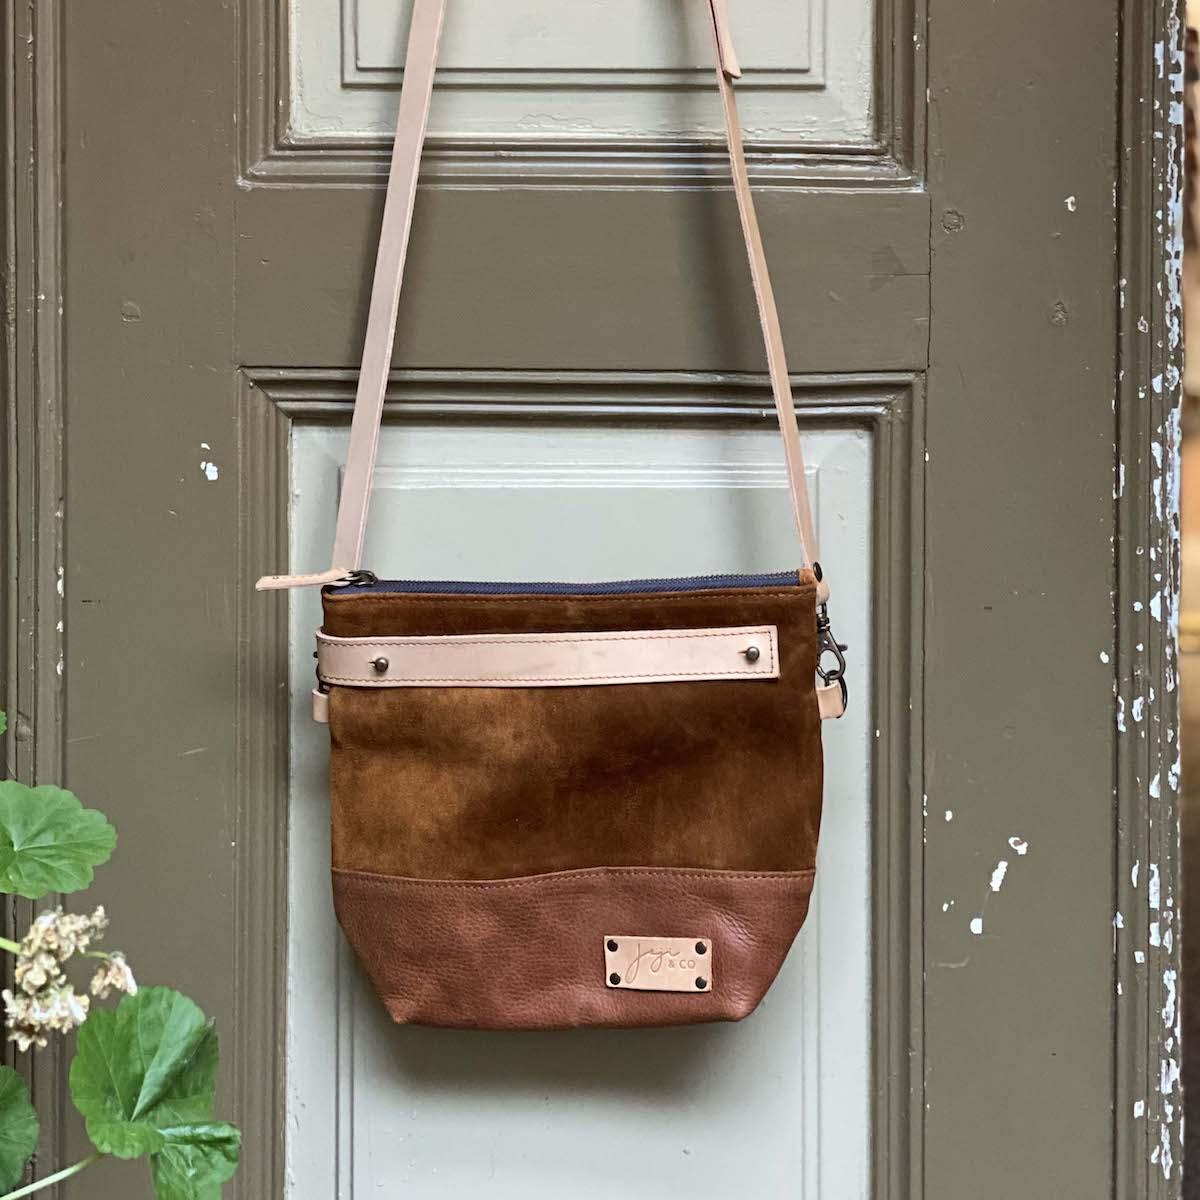 Joji & Co. BA Crossbody Bag Brown